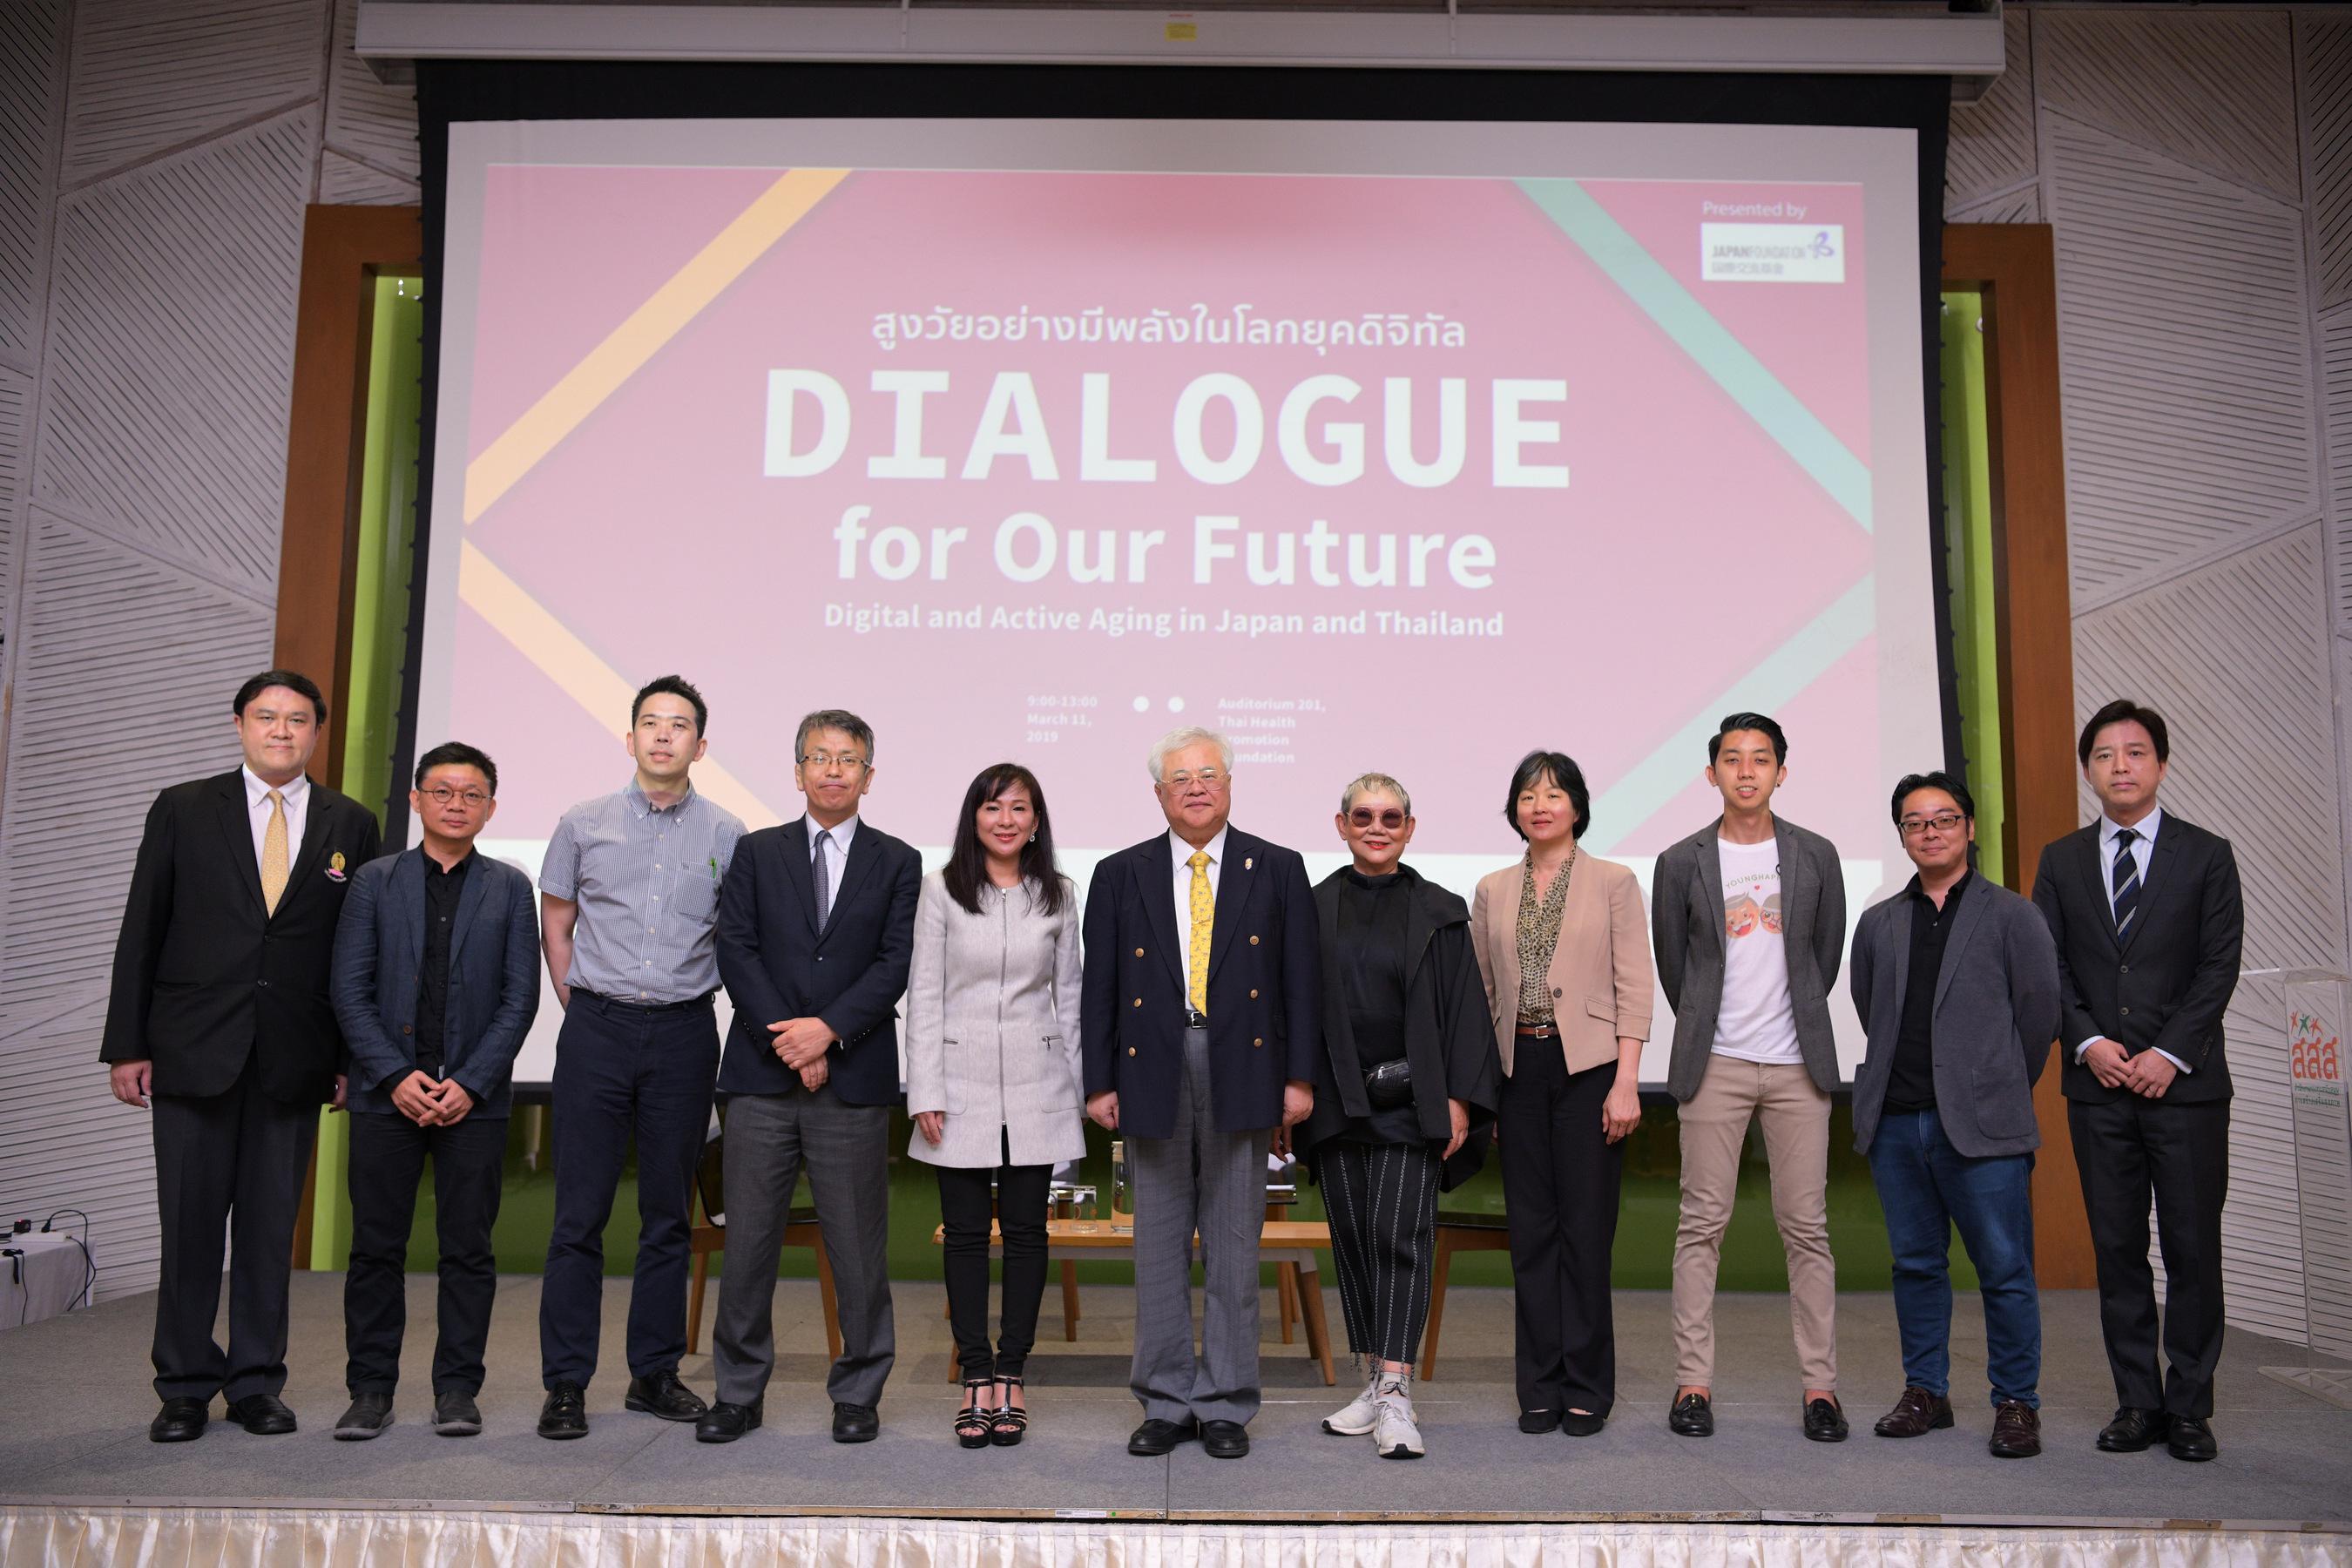 สสส.Young Happy สถานทูตญี่ปุ่นจัดความรู้วัยทอง:Stay With Me thaihealth